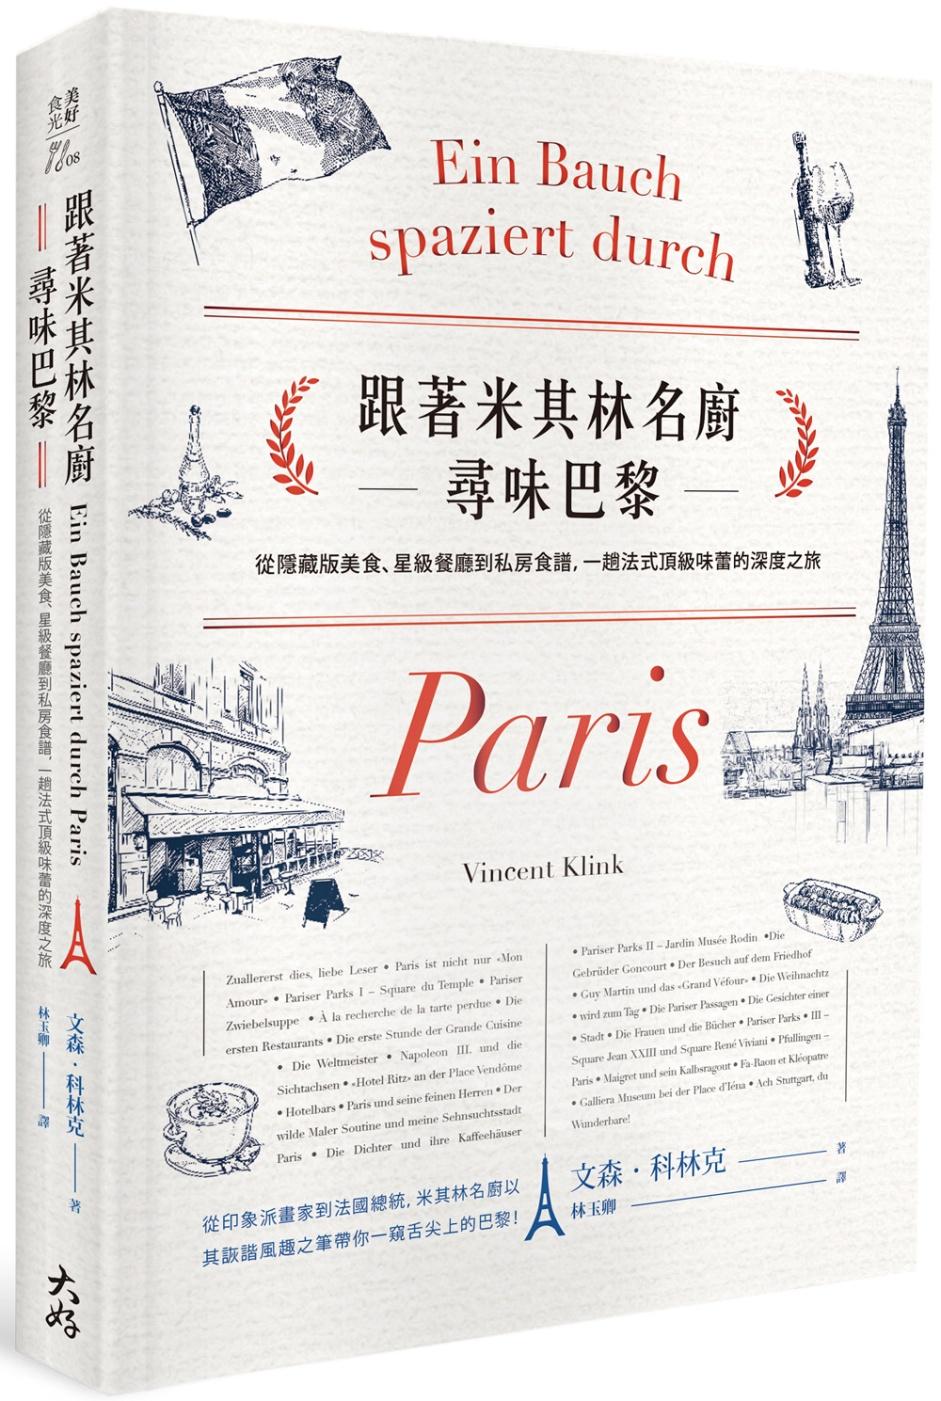 ◤博客來BOOKS◢ 暢銷書榜《推薦》跟著米其林名廚尋味巴黎:從隱藏版美食、星級餐廳到私房食譜,一趟法式頂級味蕾的深度之旅